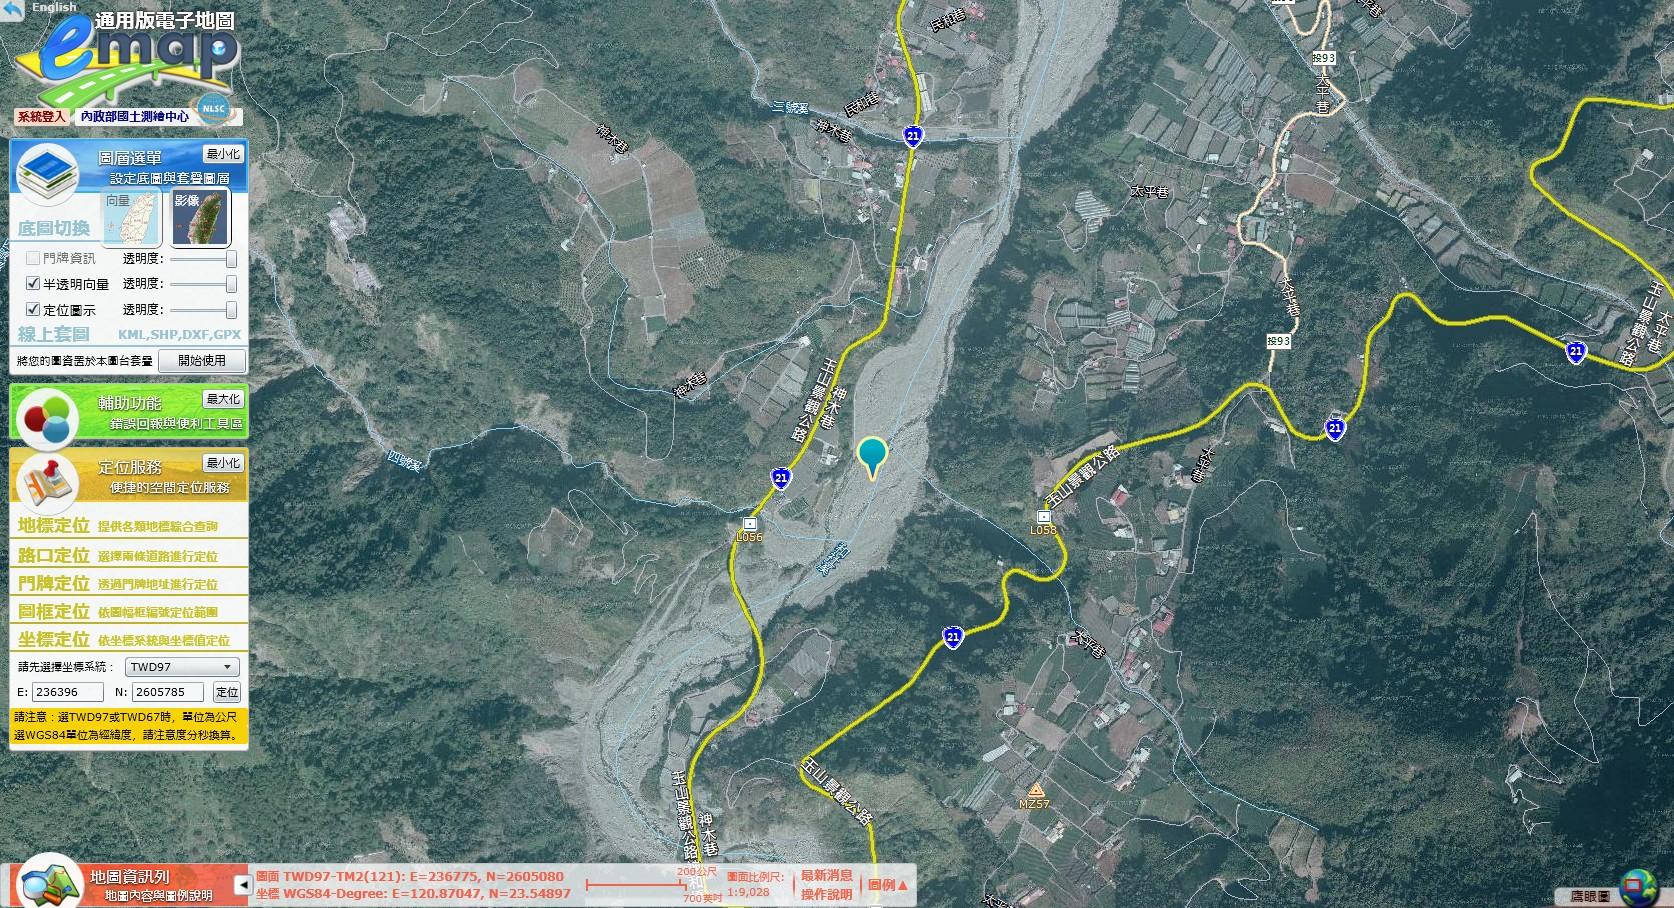 臺灣通用電子地圖標示堰塞湖位置